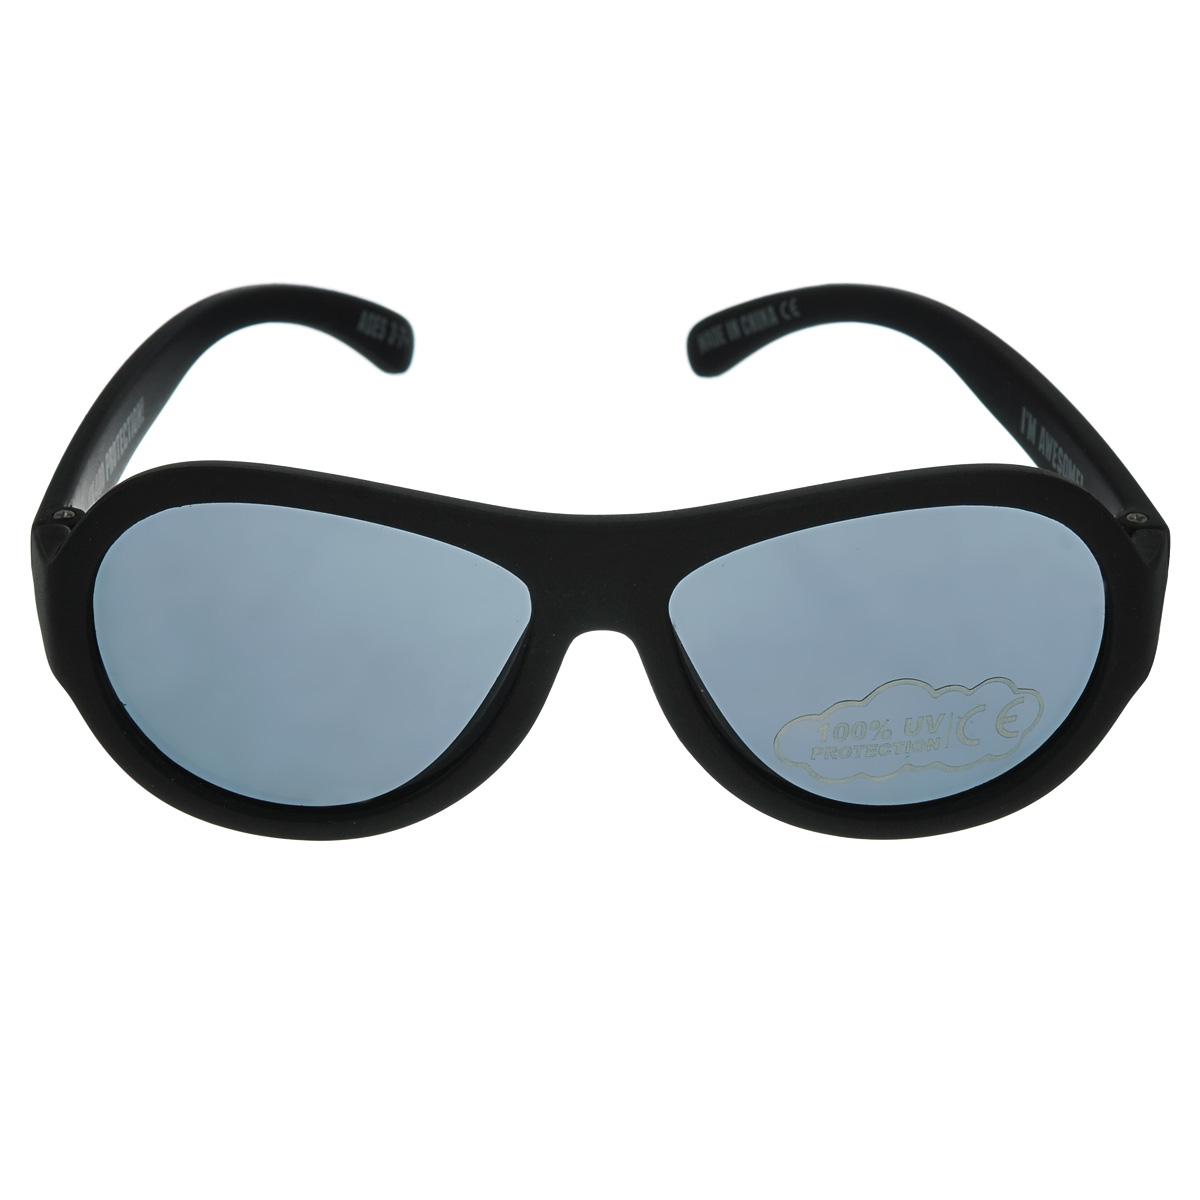 Детские солнцезащитные очки Babiators Спецназ (Black Ops), цвет: черный, 3-7 летBM8434-58AEЗащита глаз всегда в моде.Вы делаете все возможное, чтобы ваши дети были здоровы и в безопасности. Шлемы для езды на велосипеде, солнцезащитный крем для прогулок на солнце... Но как насчёт влияния солнца на глазах вашего ребёнка? Правда в том, что сетчатка глаза у детей развивается вместе с самим ребёнком. Это означает, что глаза малышей не могут отфильтровать УФ-излучение. Добавьте к этому тот факт, что дети за год получают трёхкратную дозу солнечного воздействия на взрослого человека (доклад Vision Council Report 2013, США). Проблема понятна - детям нужна настоящая защита, чтобы глазка были в безопасности, а зрение сильным.Каждая пара солнцезащитных очков Babiators для детей обеспечивает 100% защиту от UVA и UVB. Прочные линзы высшего качества не подведут в самых сложных переделках. В отличие от обычных пластиковых очков, Babiators выполнены из гибкой резины, что делает их ударопрочными.Будьте уверены, что очки Babiators созданы безопасными, прочными и классными, так что вы и ваш маленький лётчик можете приступать к своим приключениям!